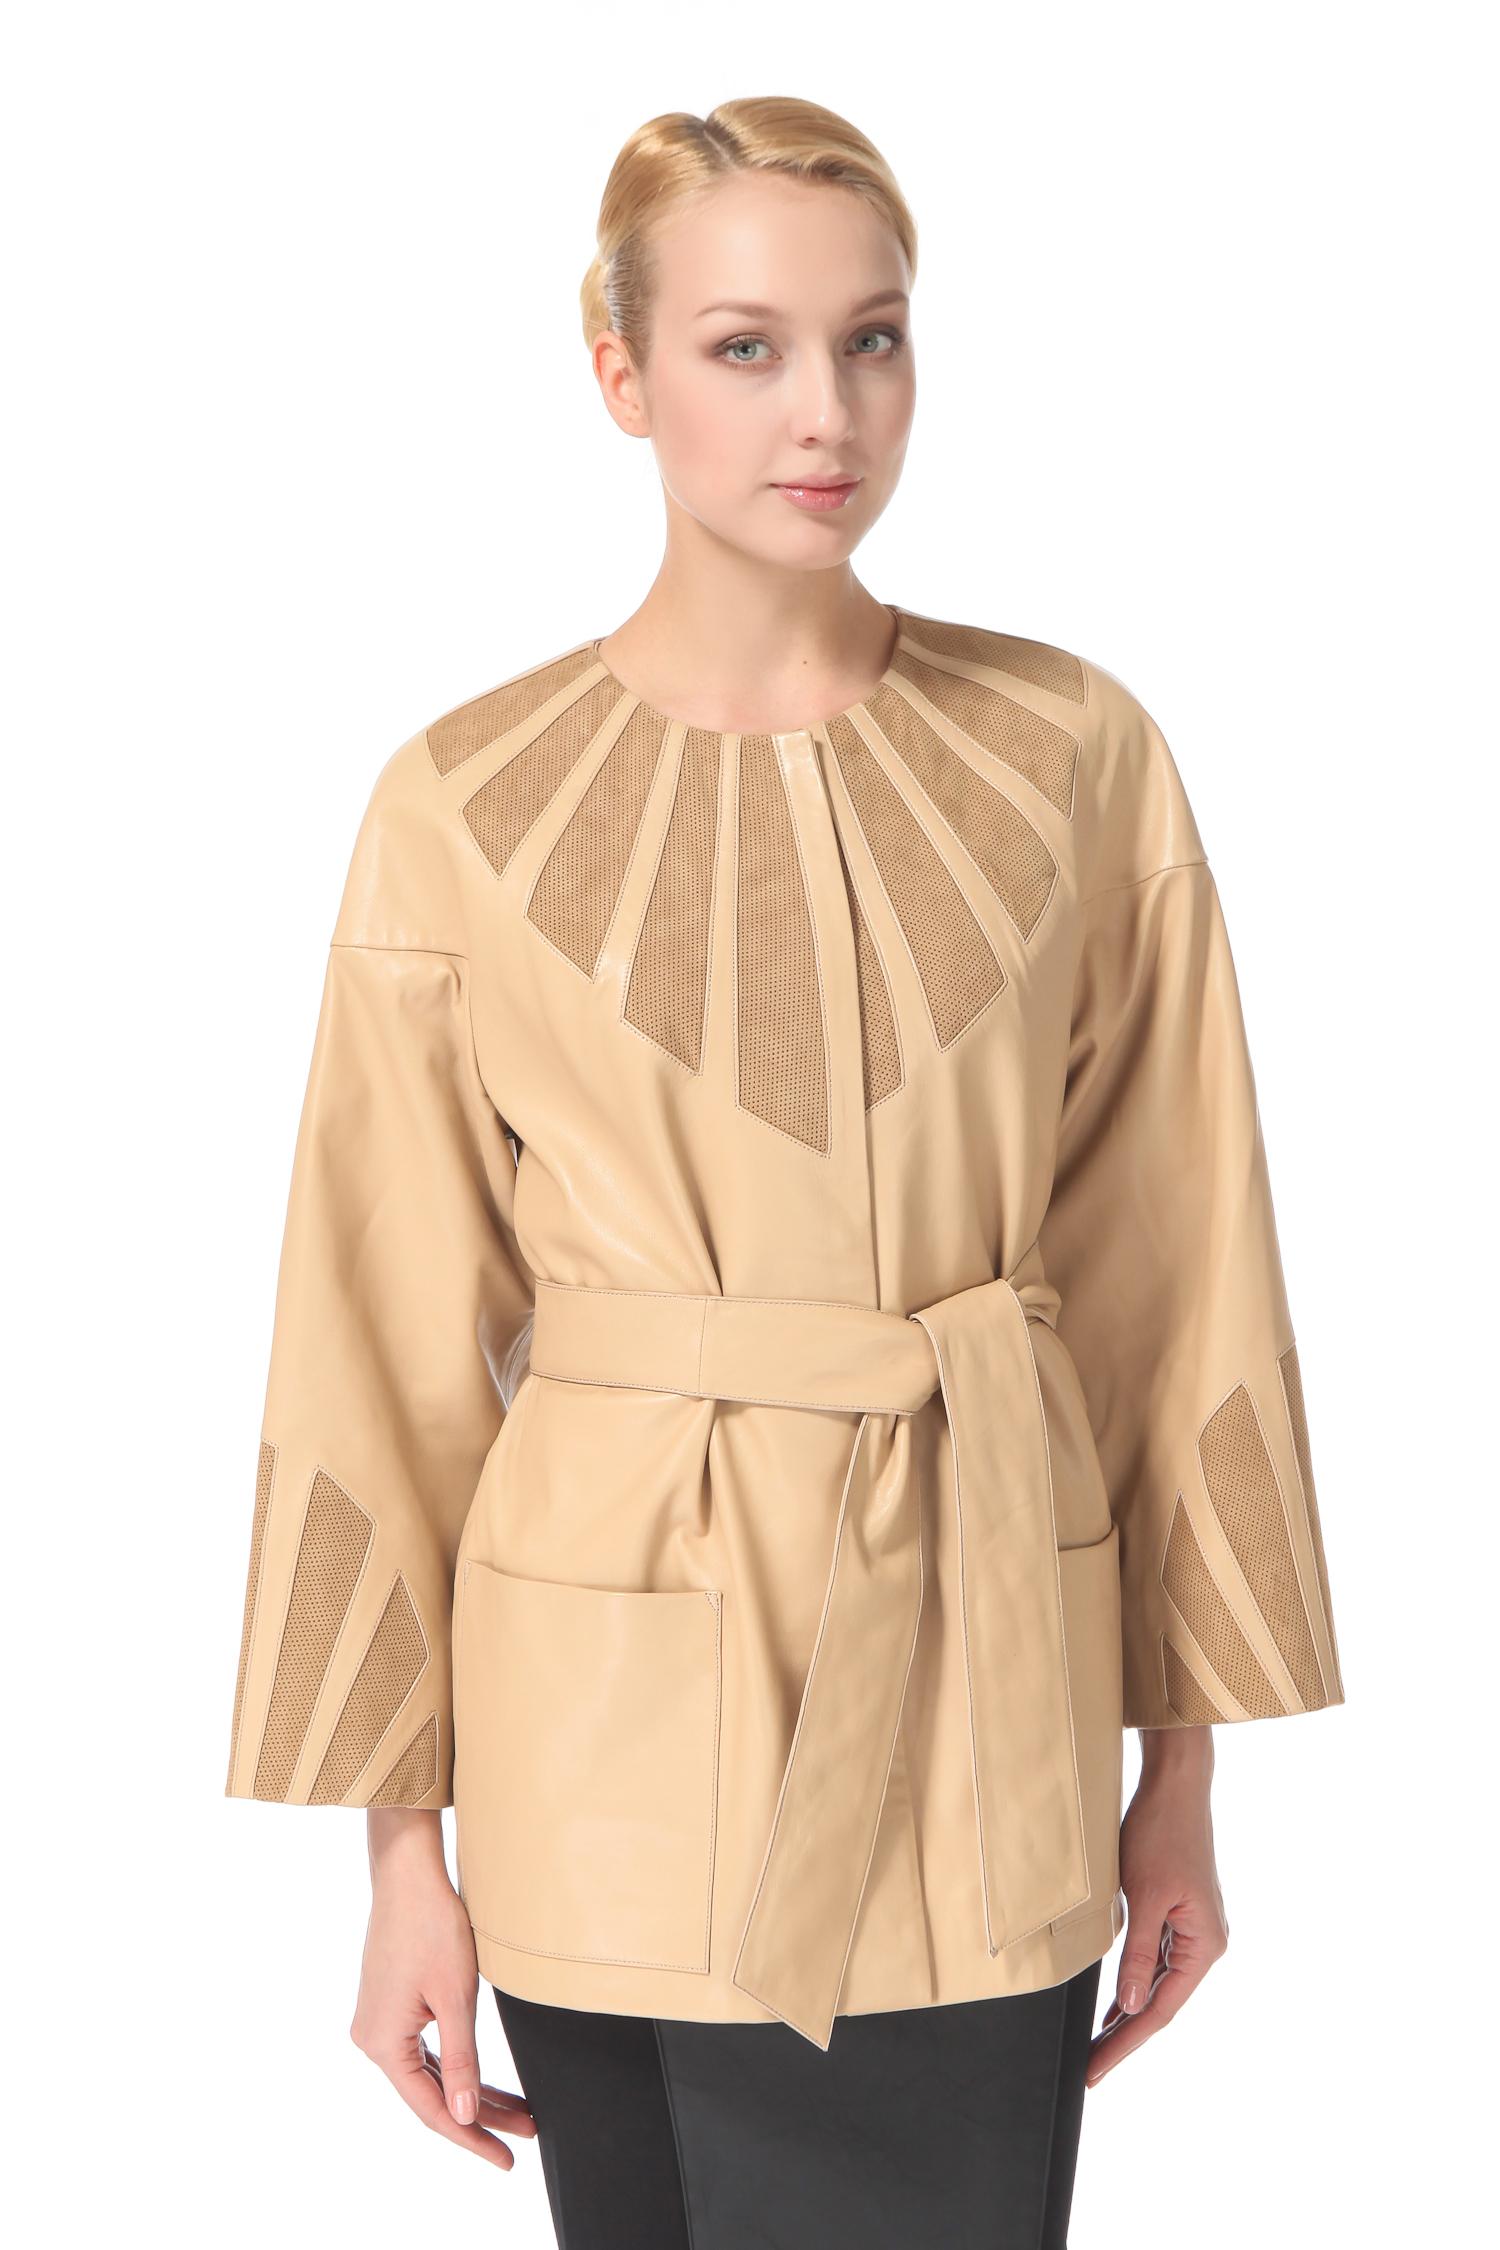 Женская кожаная куртка из натуральной кожи, без отделкиЕсли вы любите ловить на себе восхищенные взгляды окружающих, то Вам просто необходимо остановить свой выбор на этой необычной женской куртке! Она словно создана для того, чтобы притягивать к себе взгляды. Отделка из перфорированной кожи, в виде расходящихся полос вдоль горловины и на рукавах - необычный элемент дизайна, который придает этой модели неповторимый шарм. Покрой рукава мягко подчеркивает линию плеч, свободный, но в тоже время женственный силуэт, деликатно скрывает все лишнее. При желании можно подчеркнуть талию завязывающимся поясом. Позвольте себе испытать удовольствие от обладания этой замечательной вещью!<br><br>Длина см: Короткая (51-74 )<br>Материал: Кожа овчина<br>Цвет: бежевый<br>Застежка: на молнии<br>Пол: Женский<br>Размер RU: 54